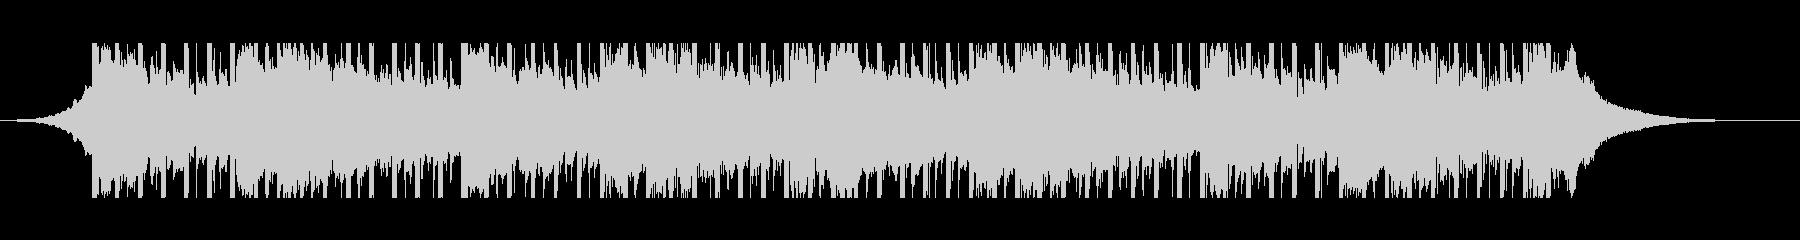 説明者のビデオ(45秒)の未再生の波形